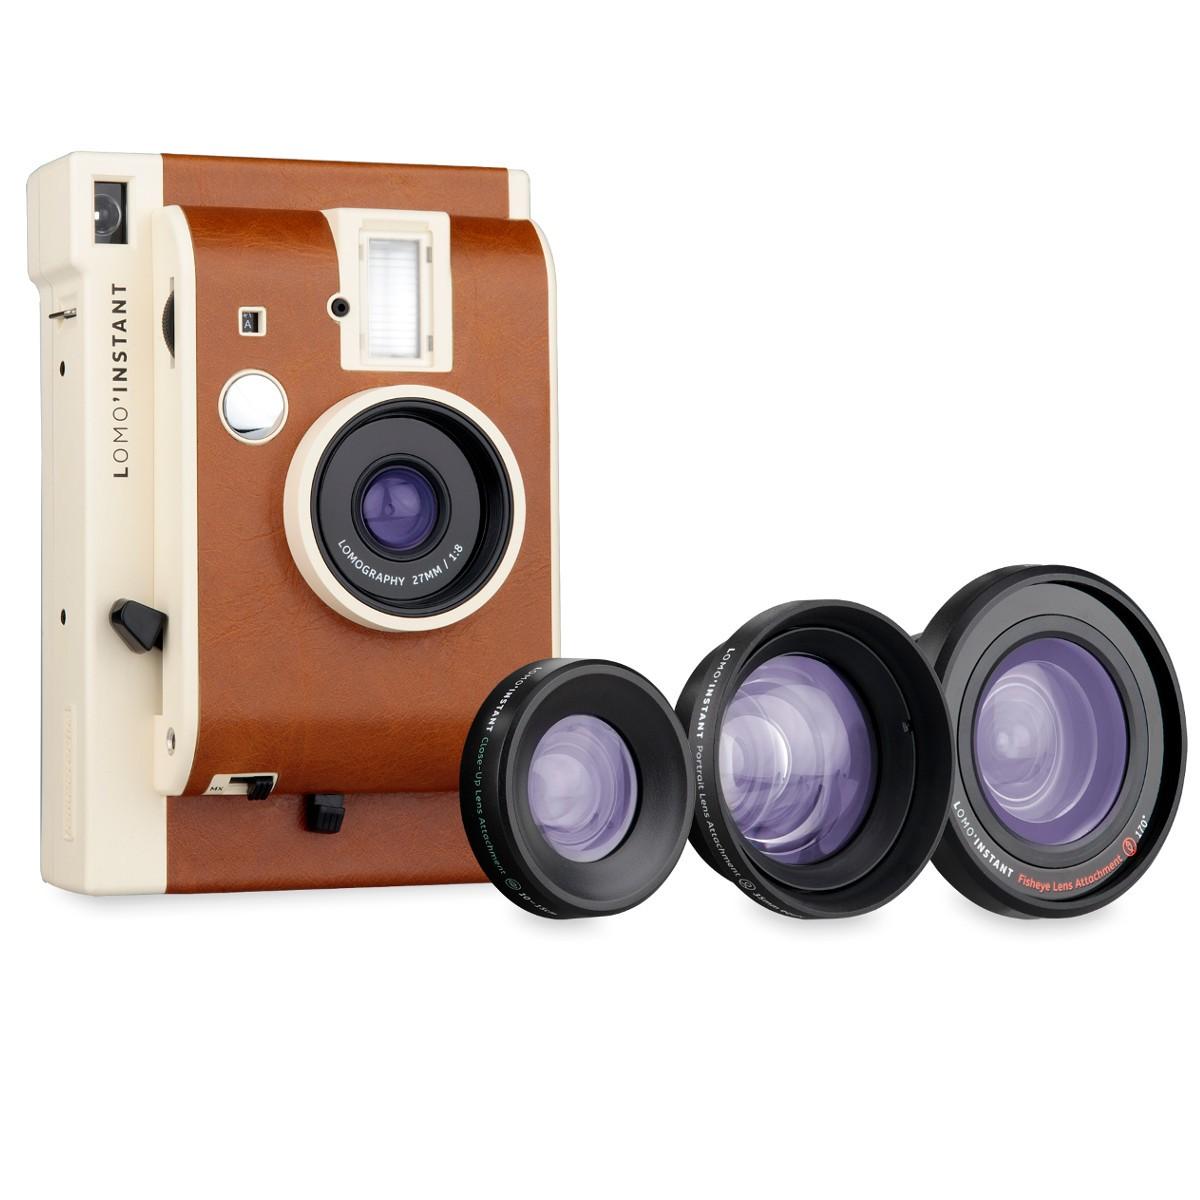 Lomo'Instant - aparat błyskawiczny z